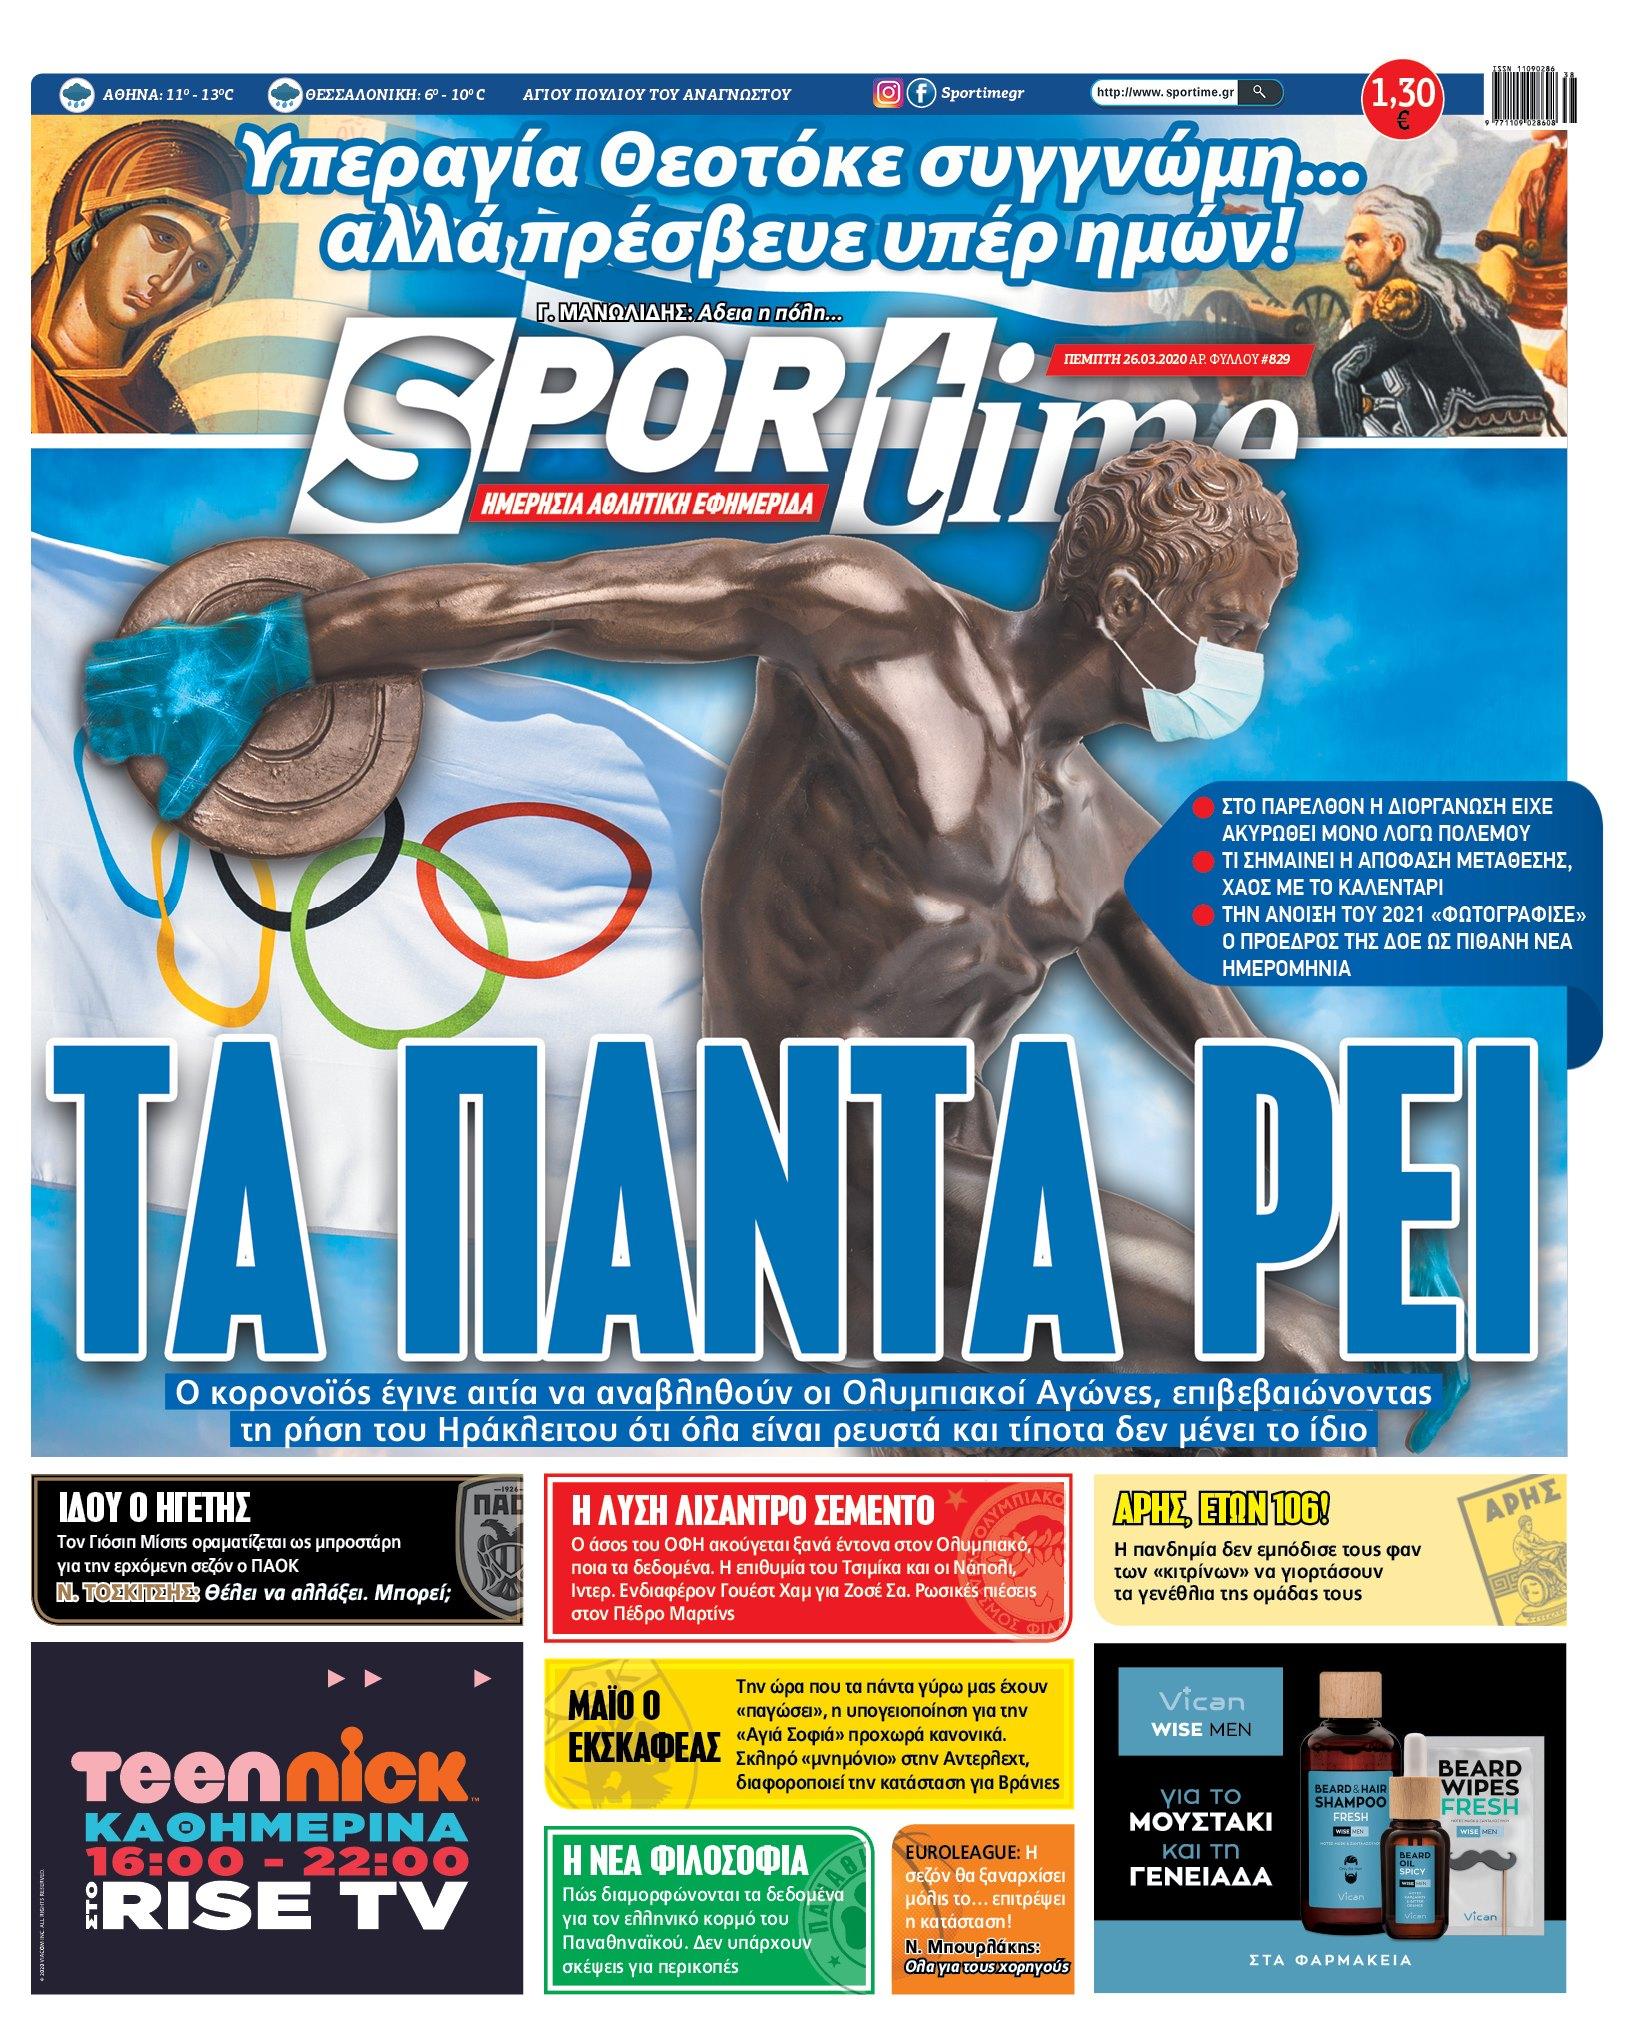 Εφημερίδα SPORTIME - Εξώφυλλο φύλλου 26/3/2020